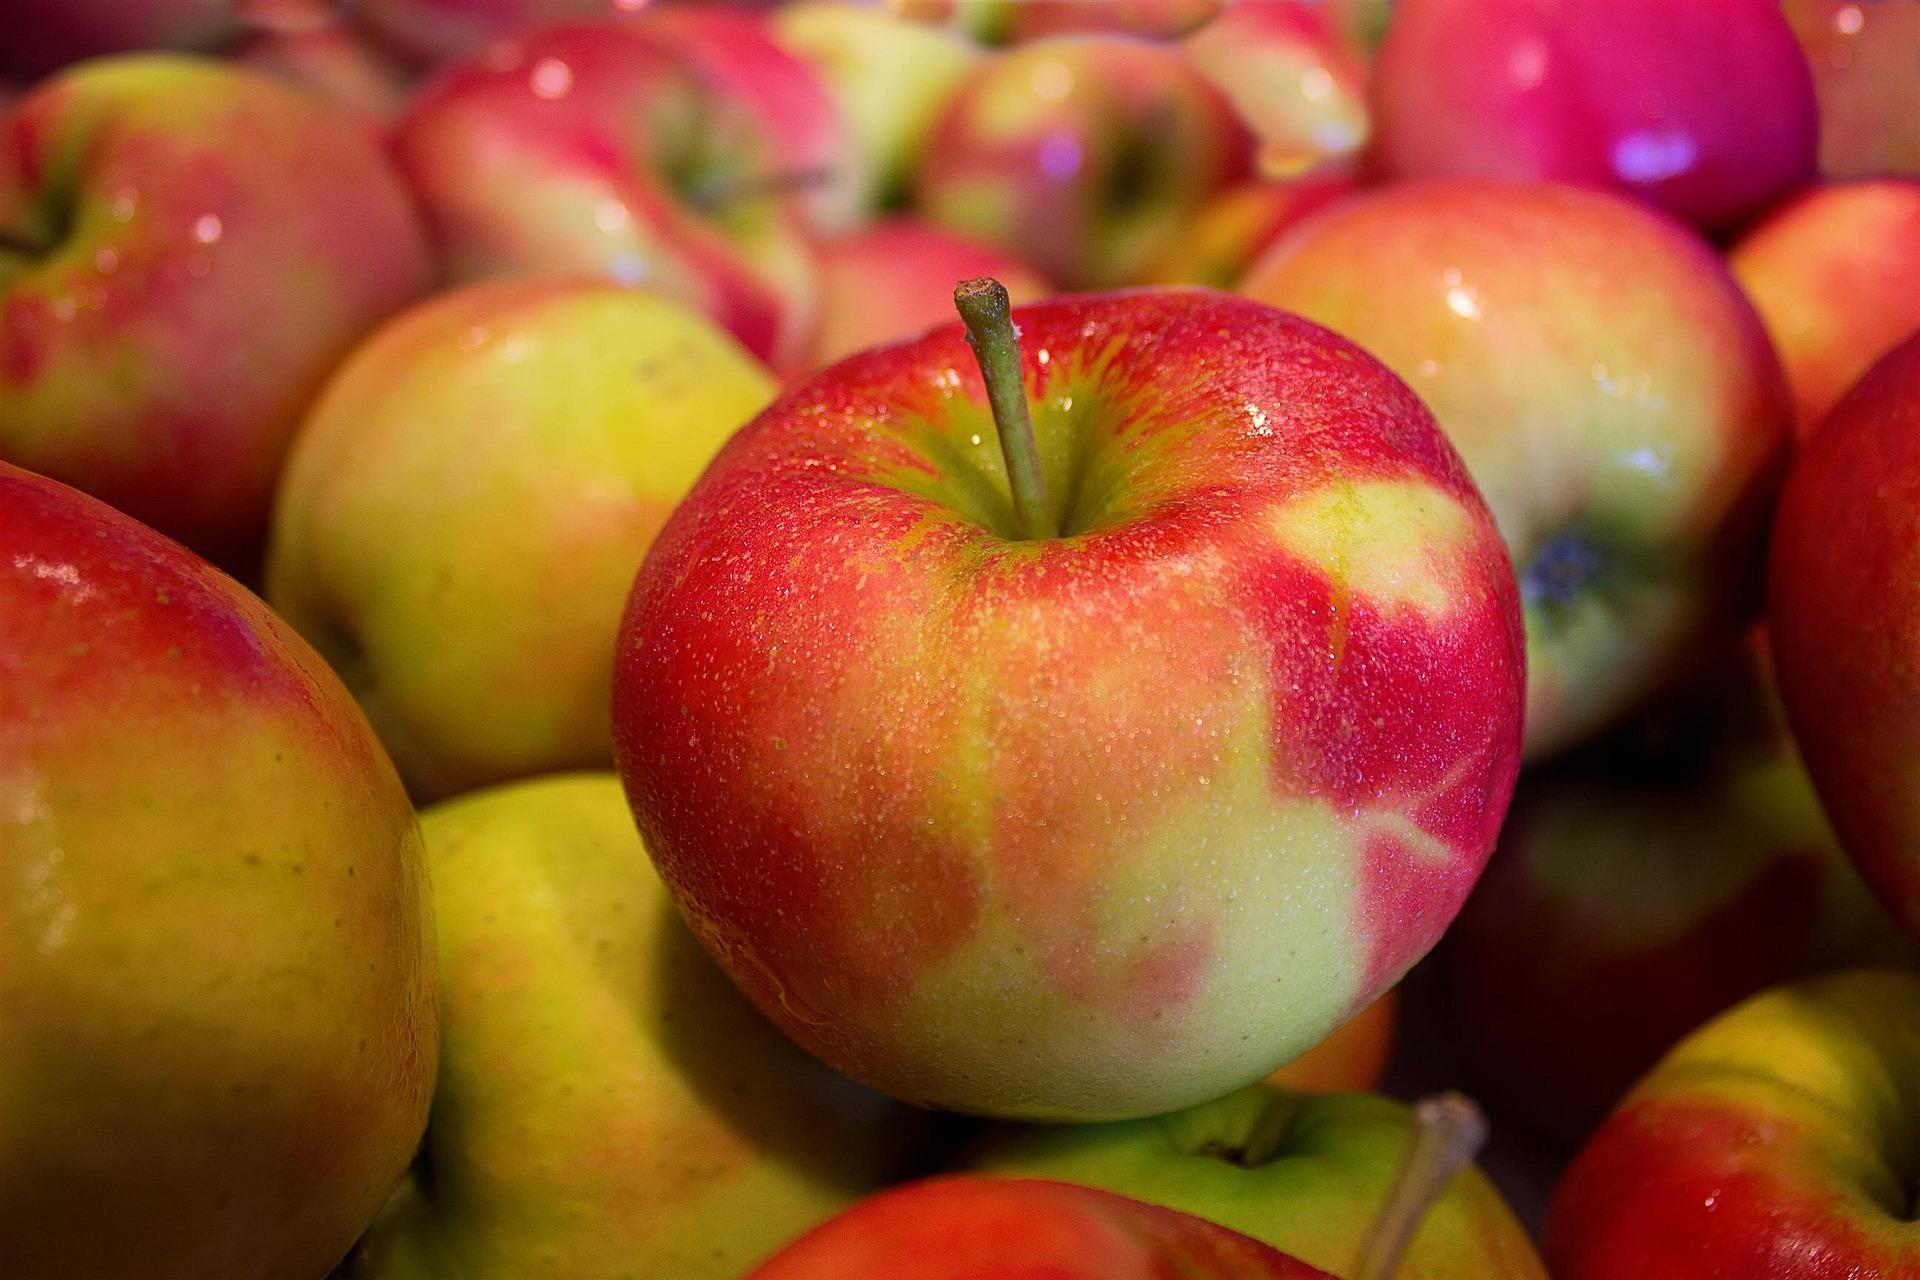 Frugt giver energi